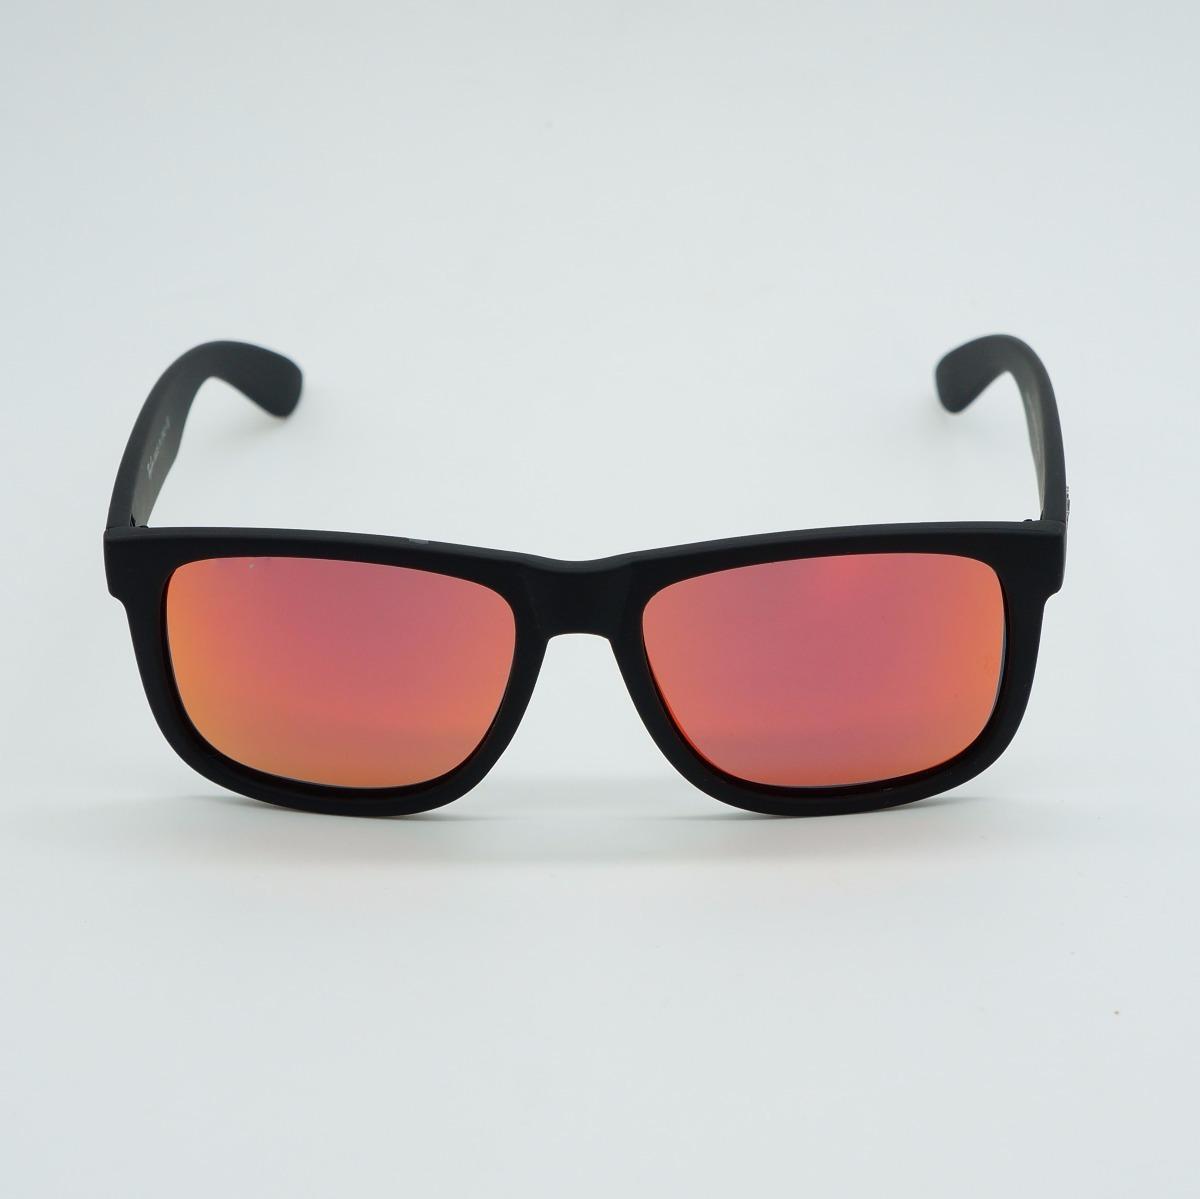 ab77f7749 oculos masculino quadrado justin dourado vermelho espelhado. Carregando zoom .